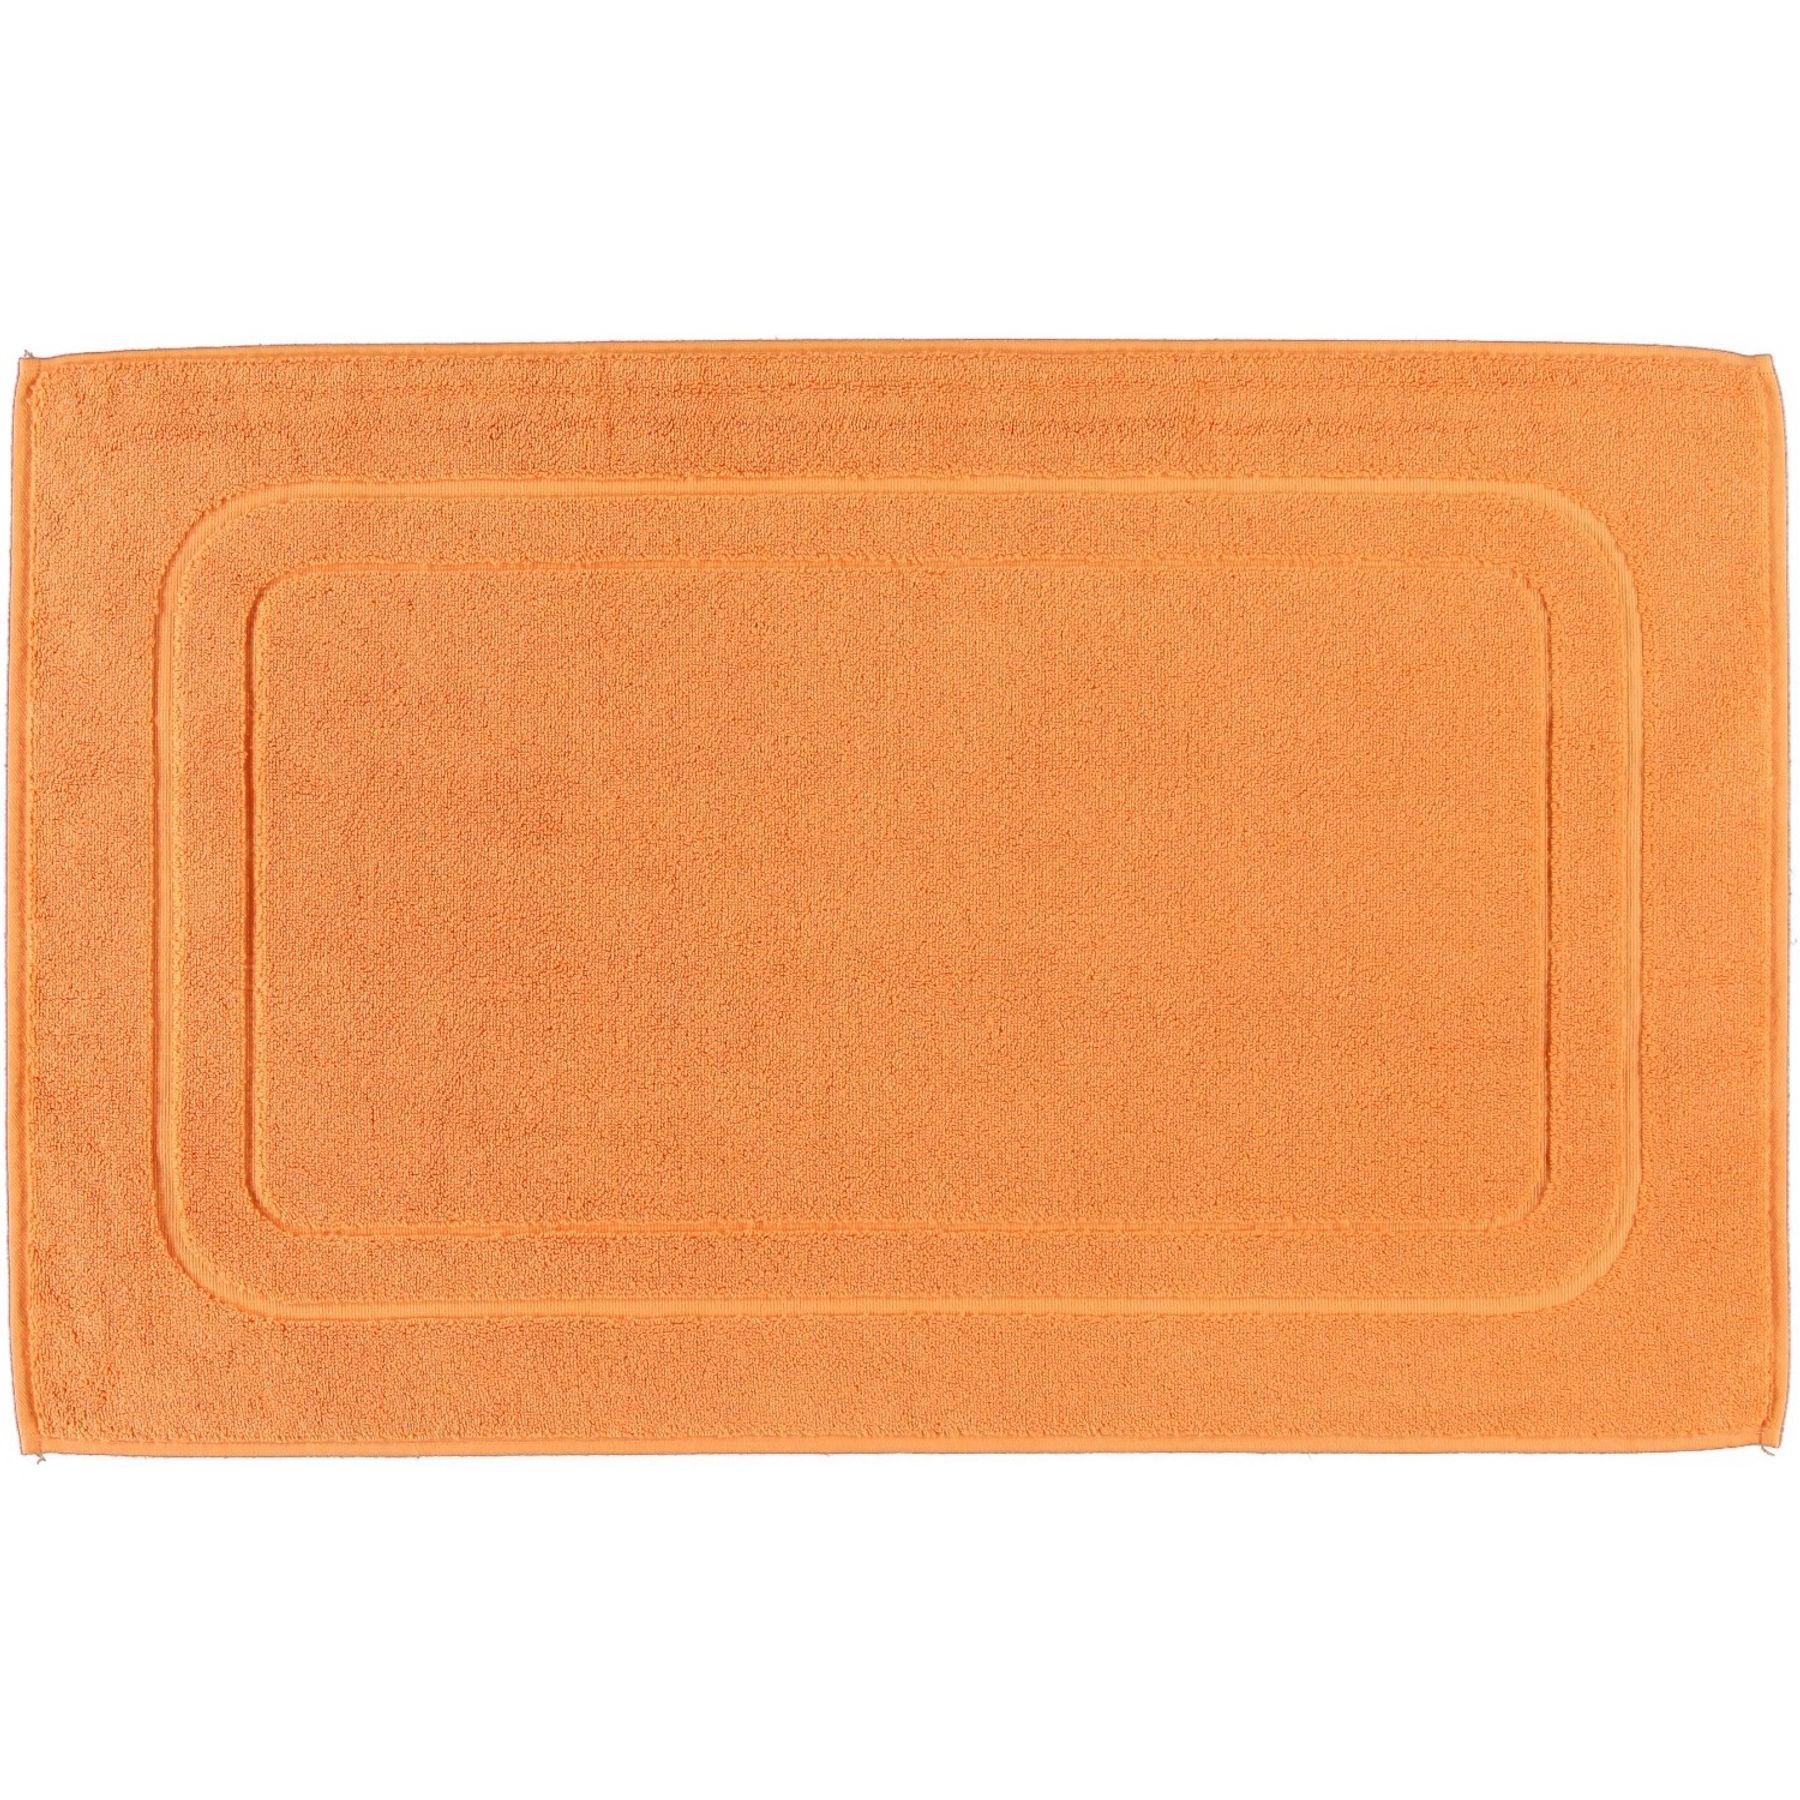 Cawö - Badteppich in verschiedenen Farben (Größe: 50x80 cm) (200) – Bild 8